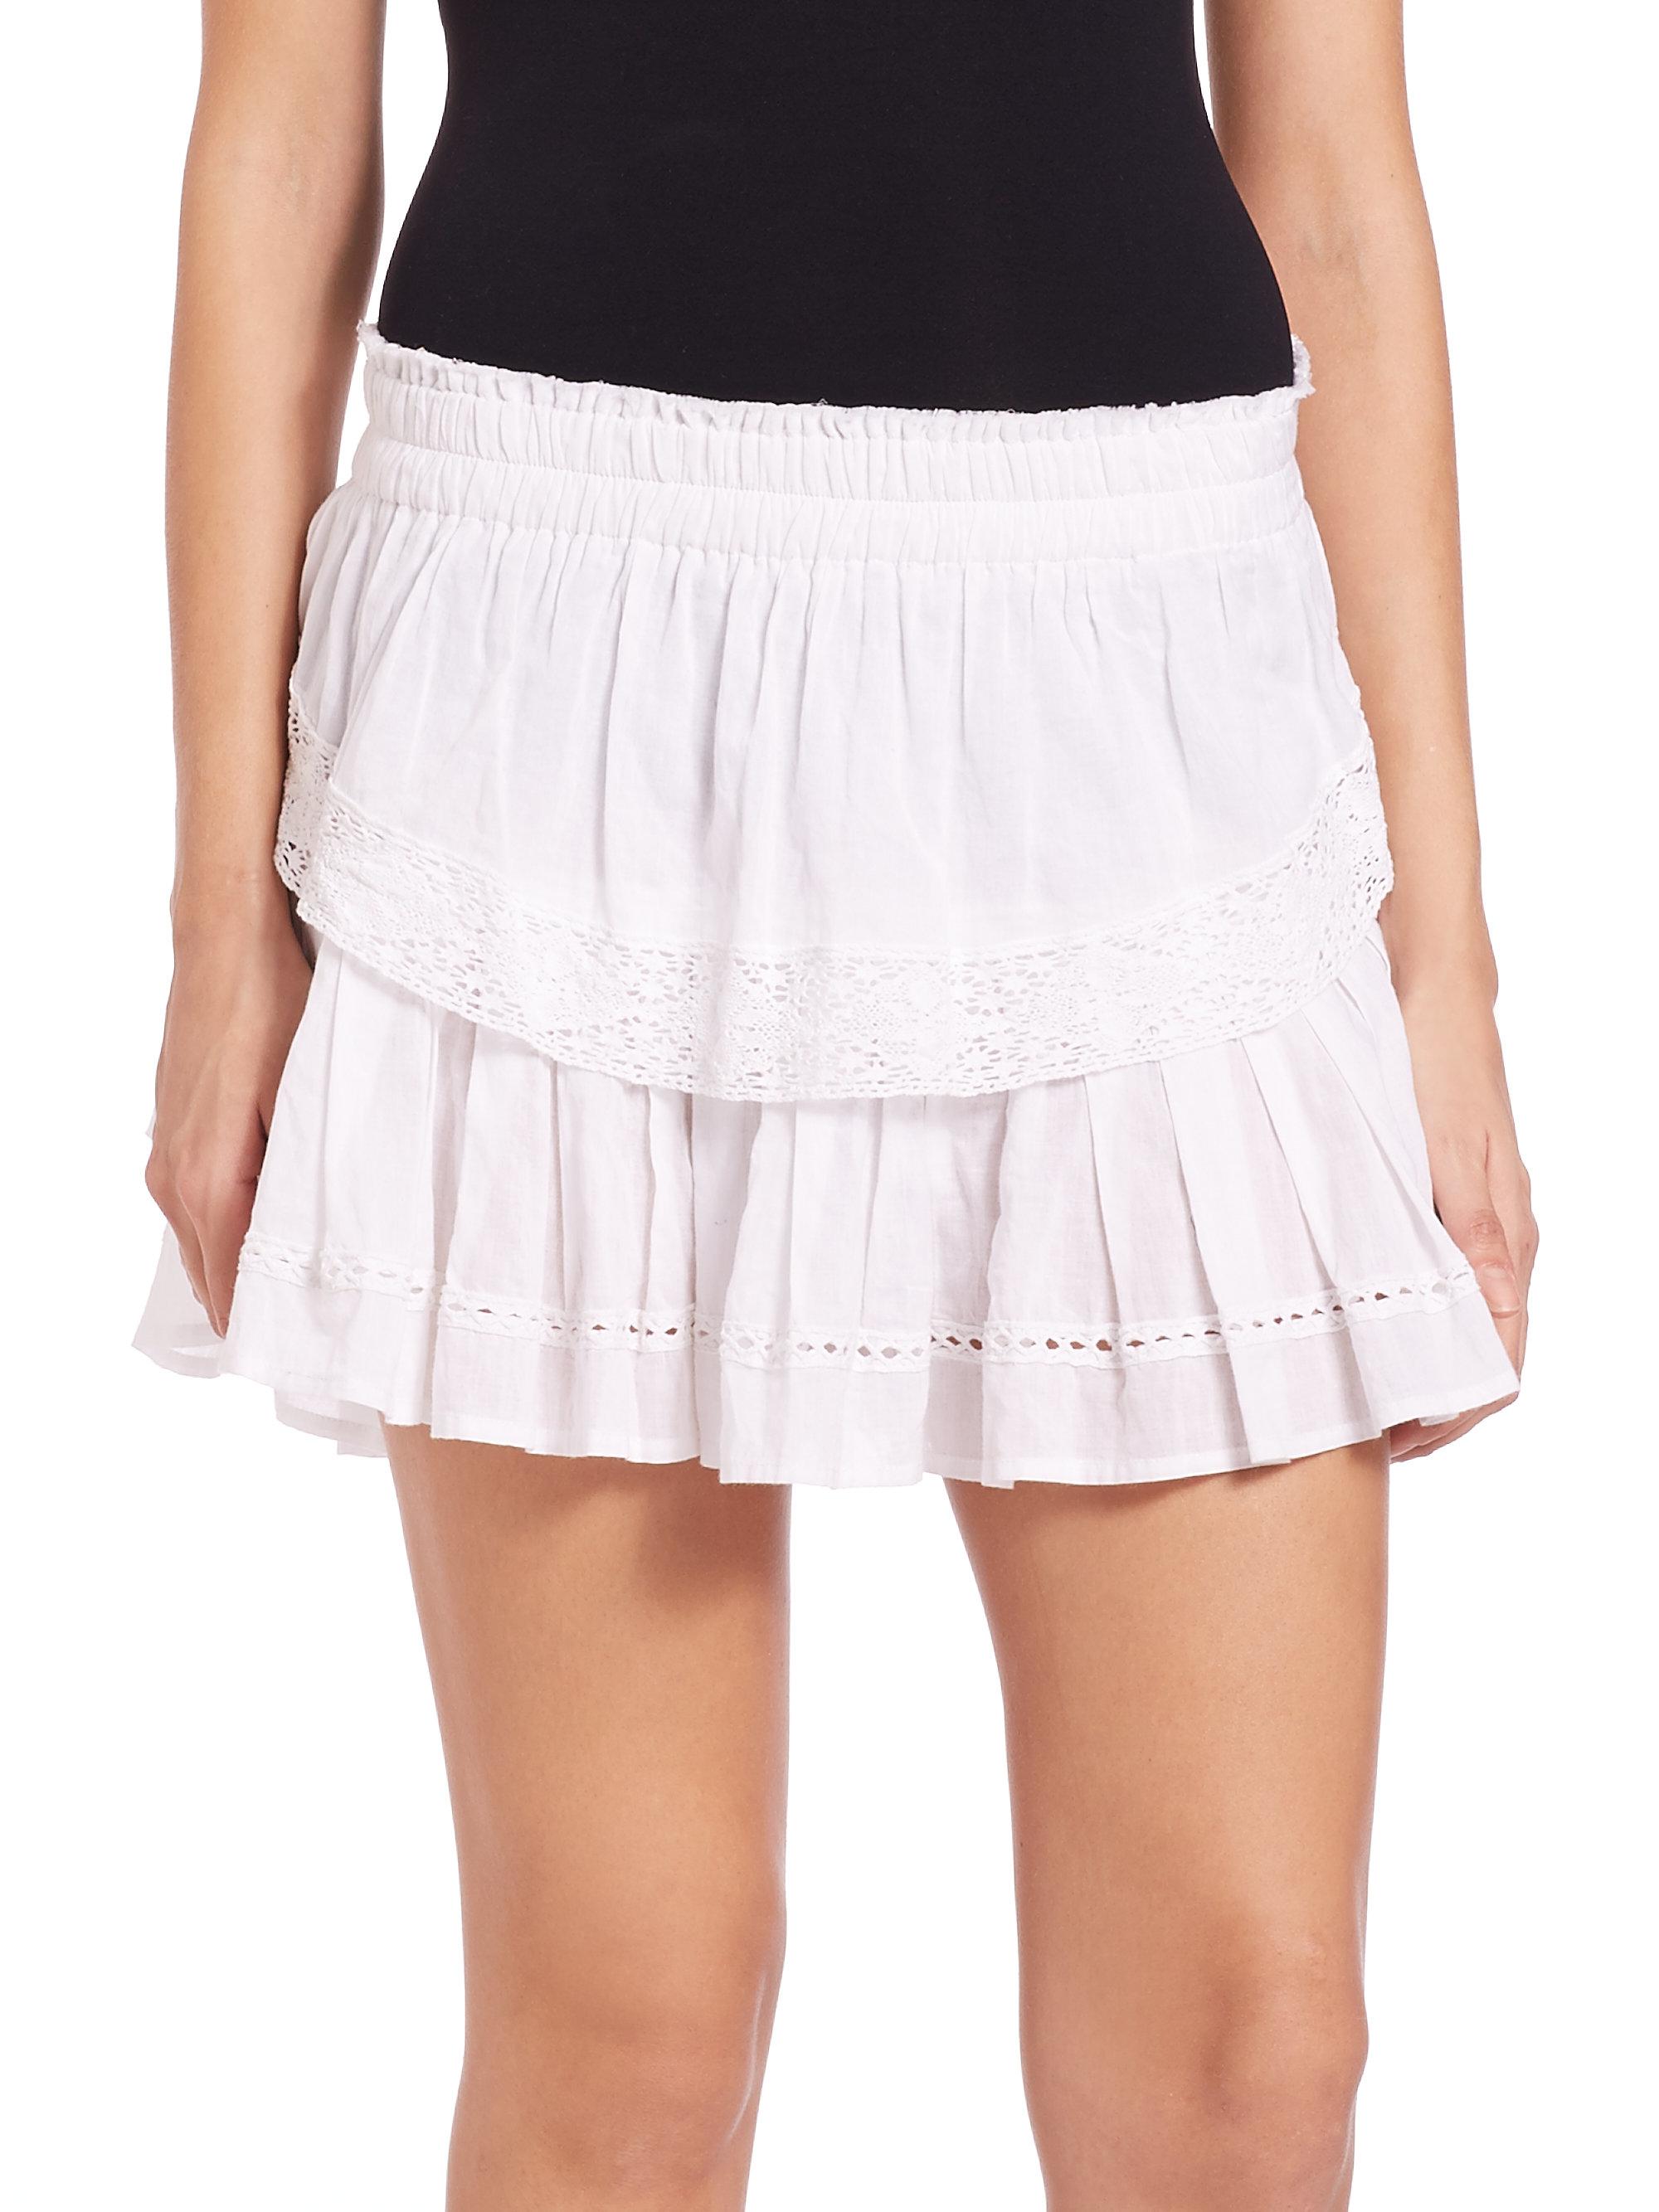 fe8bc4758 LoveShackFancy Cotton Ruffle Skirt in White - Lyst